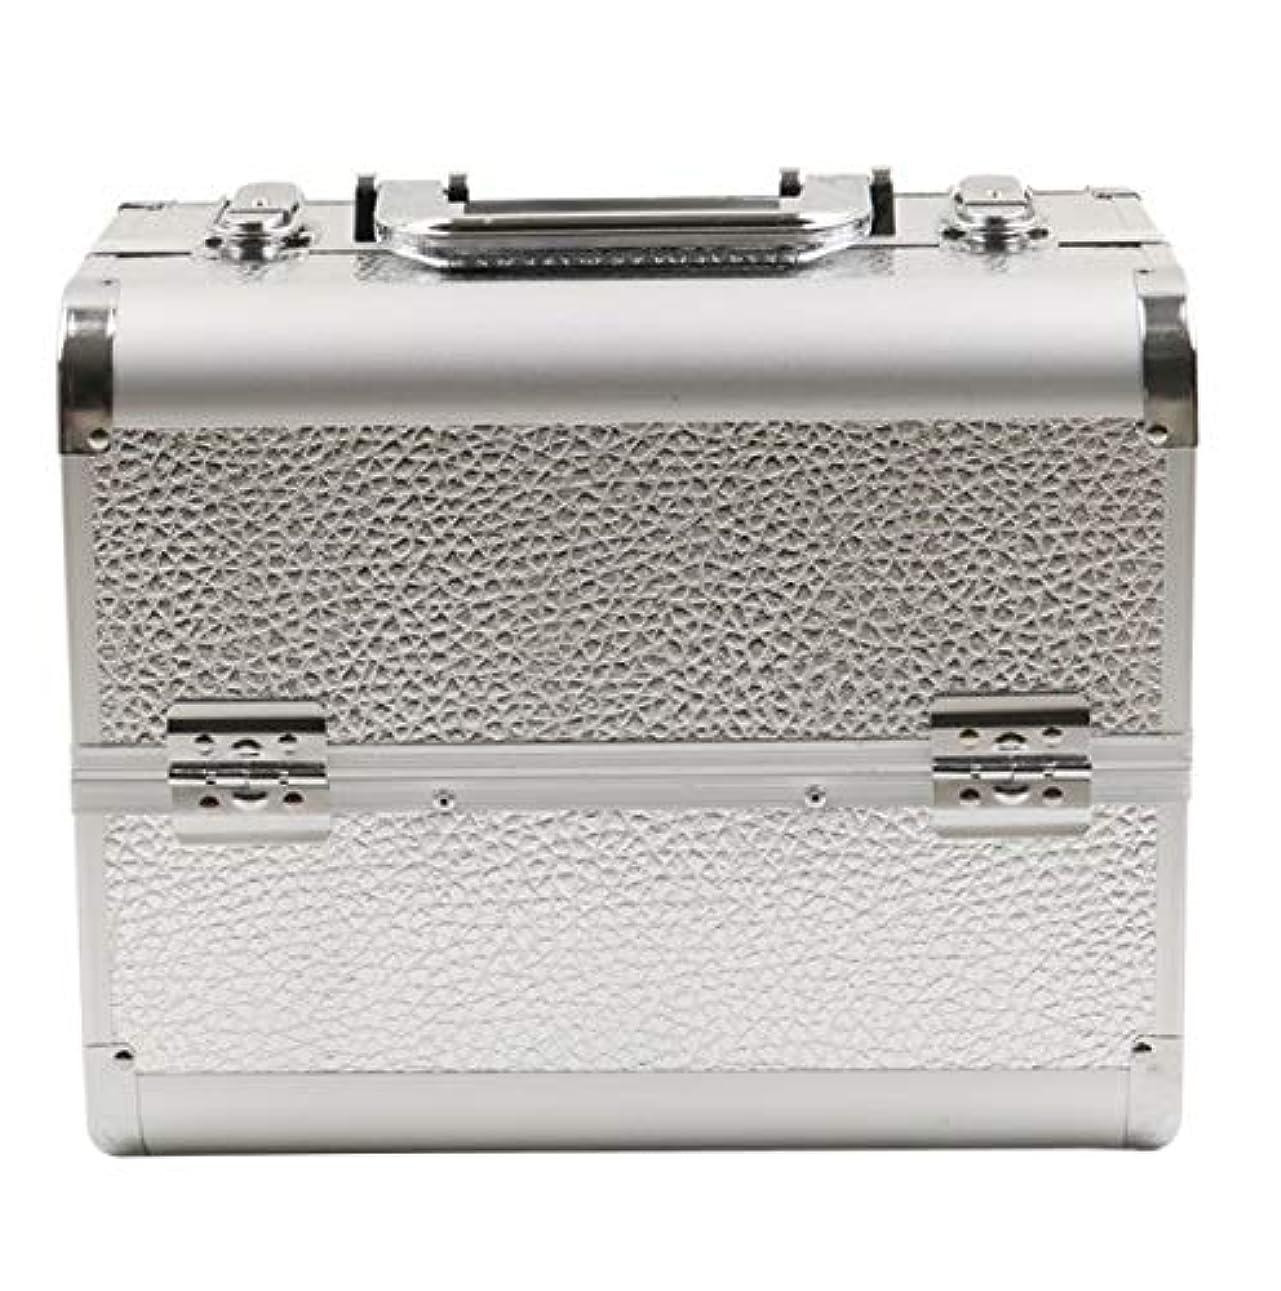 アセンブリバレーボールガチョウ化粧品ケース、シルバーアルミ多層化粧品バッグ、ポータブル旅行多機能化粧品ケース、美容ネイルジュエリー収納ボックス